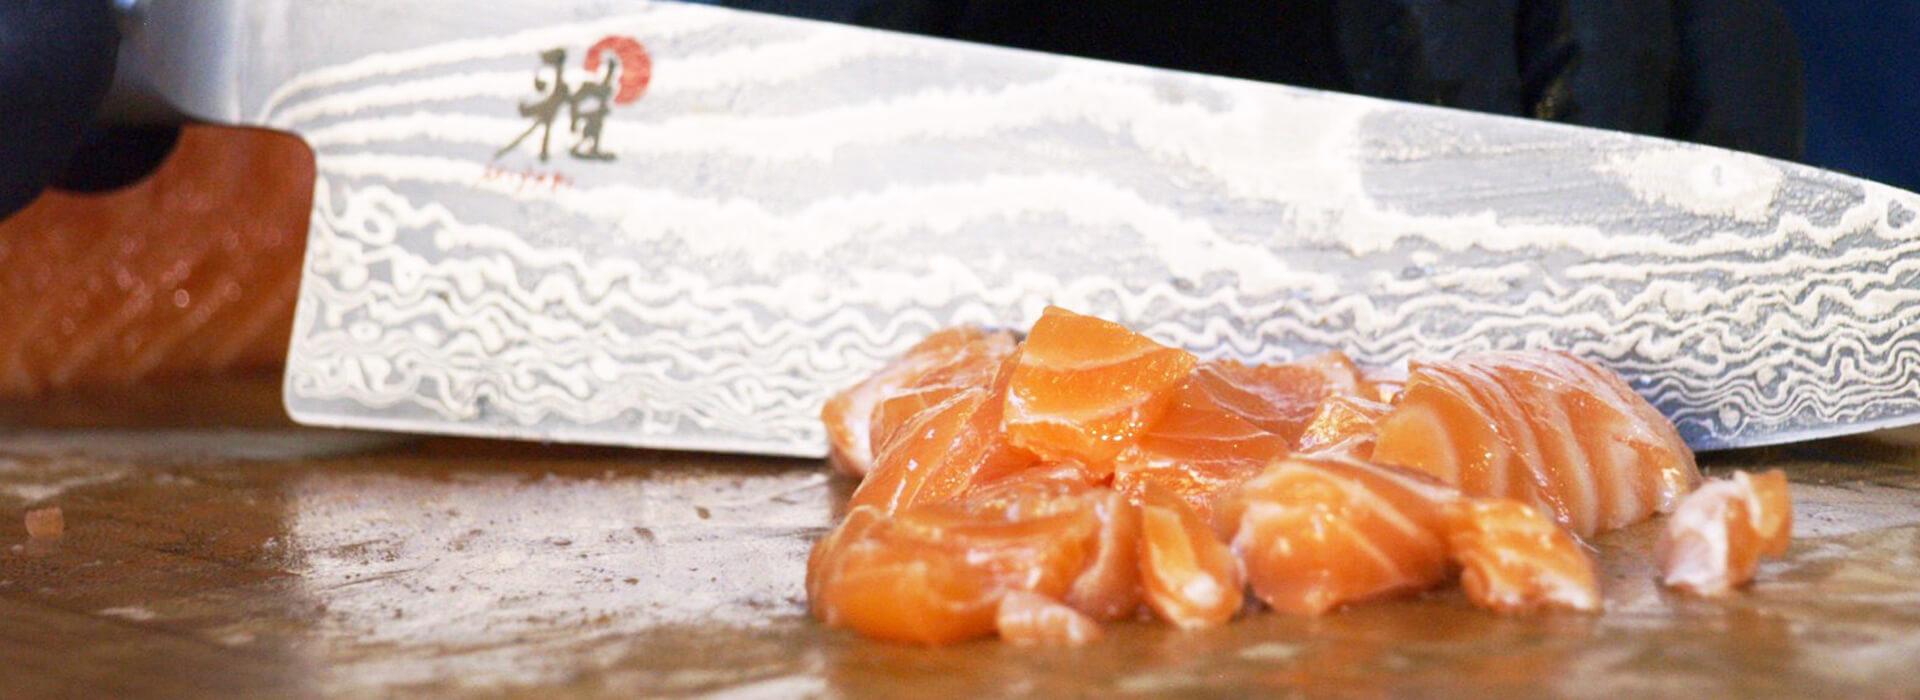 cortando salmón fresco en thefreshpoke